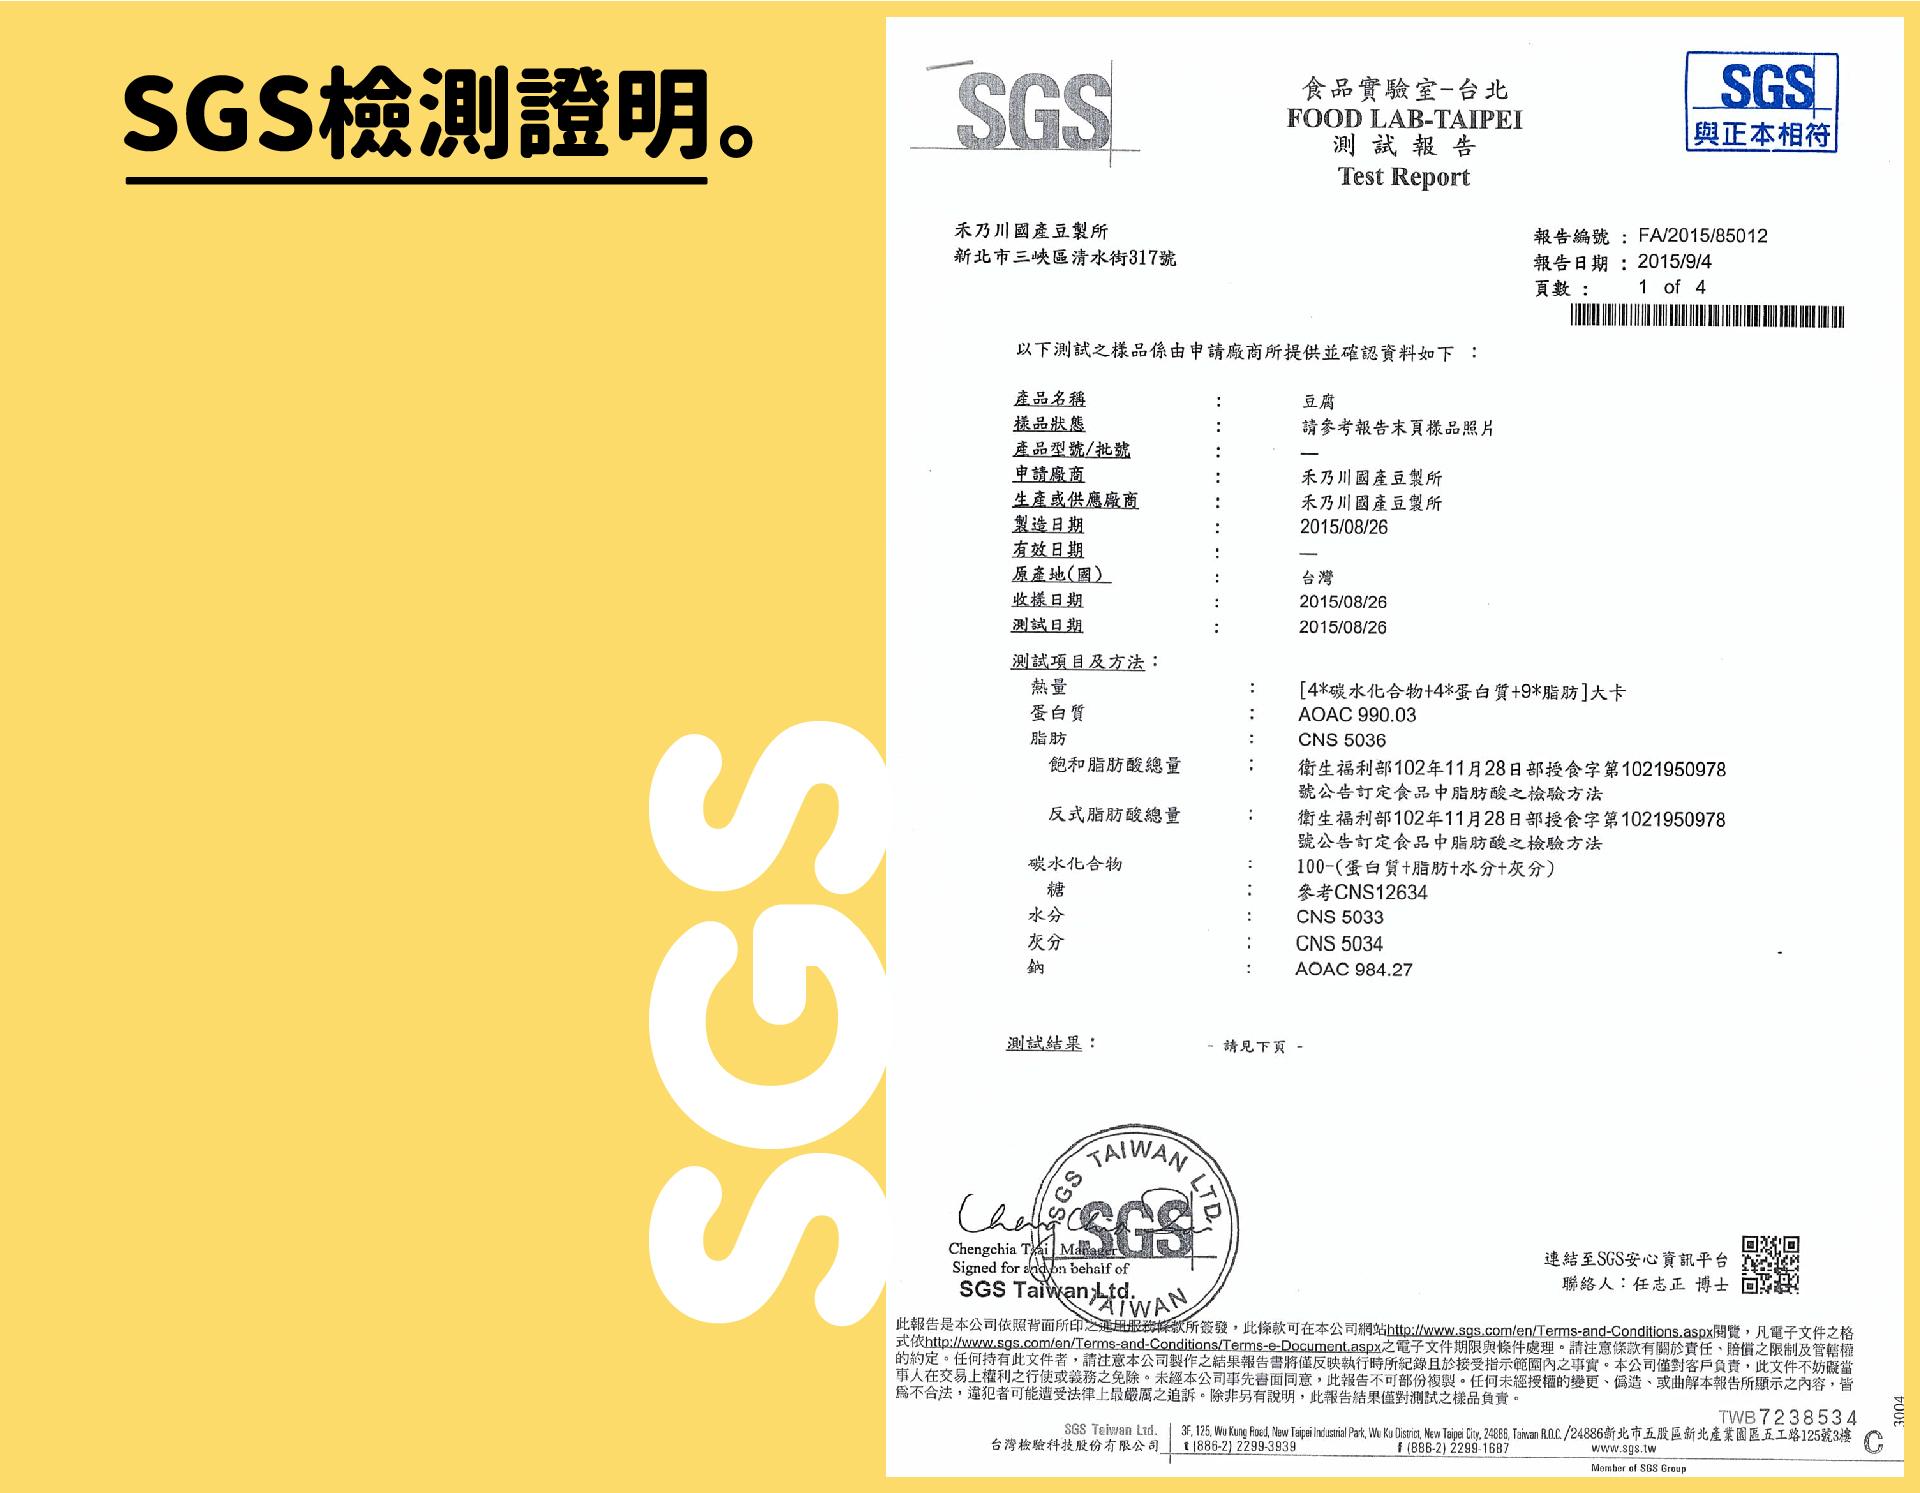 禾乃川SGS檢驗證明 - 鹽鹵豆腐 - 天然日曬鹽鹵